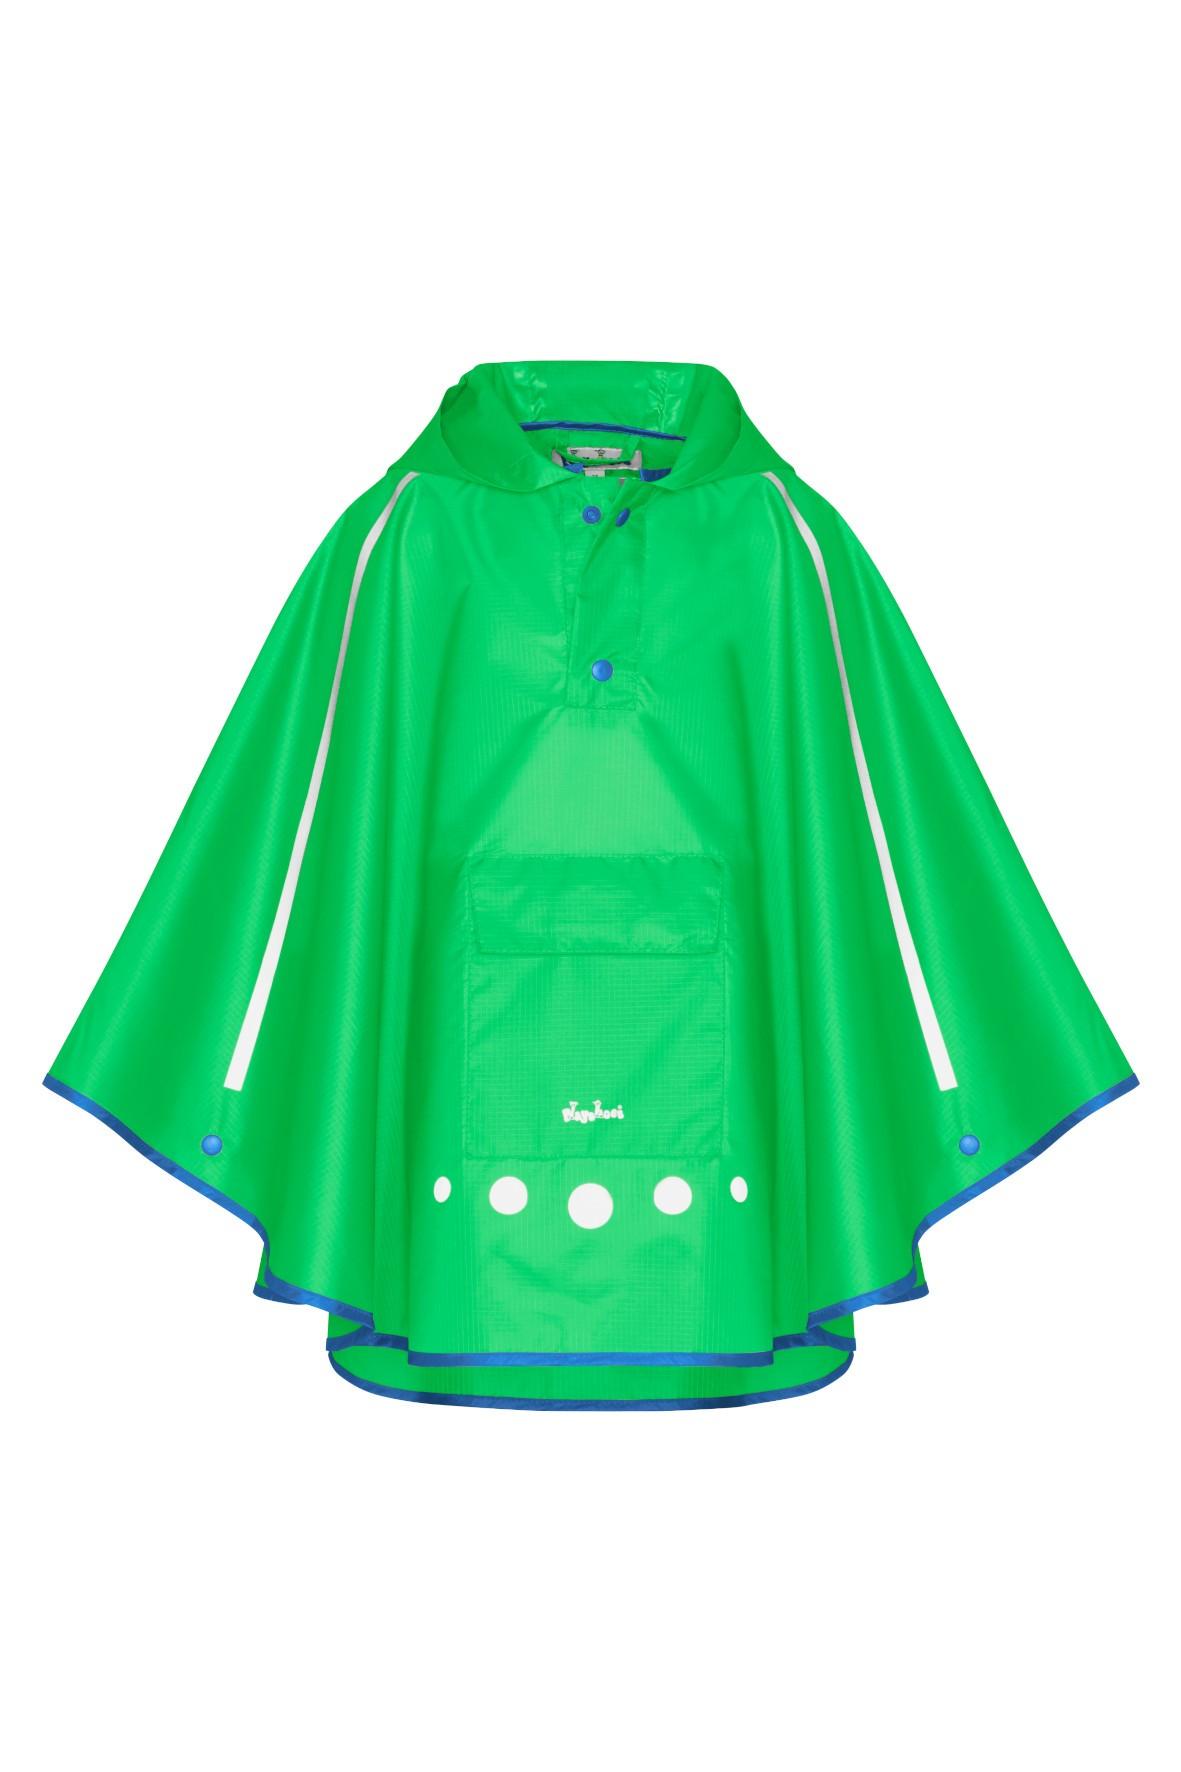 Poncho przeciwdeszczowe składane do torebki zielone